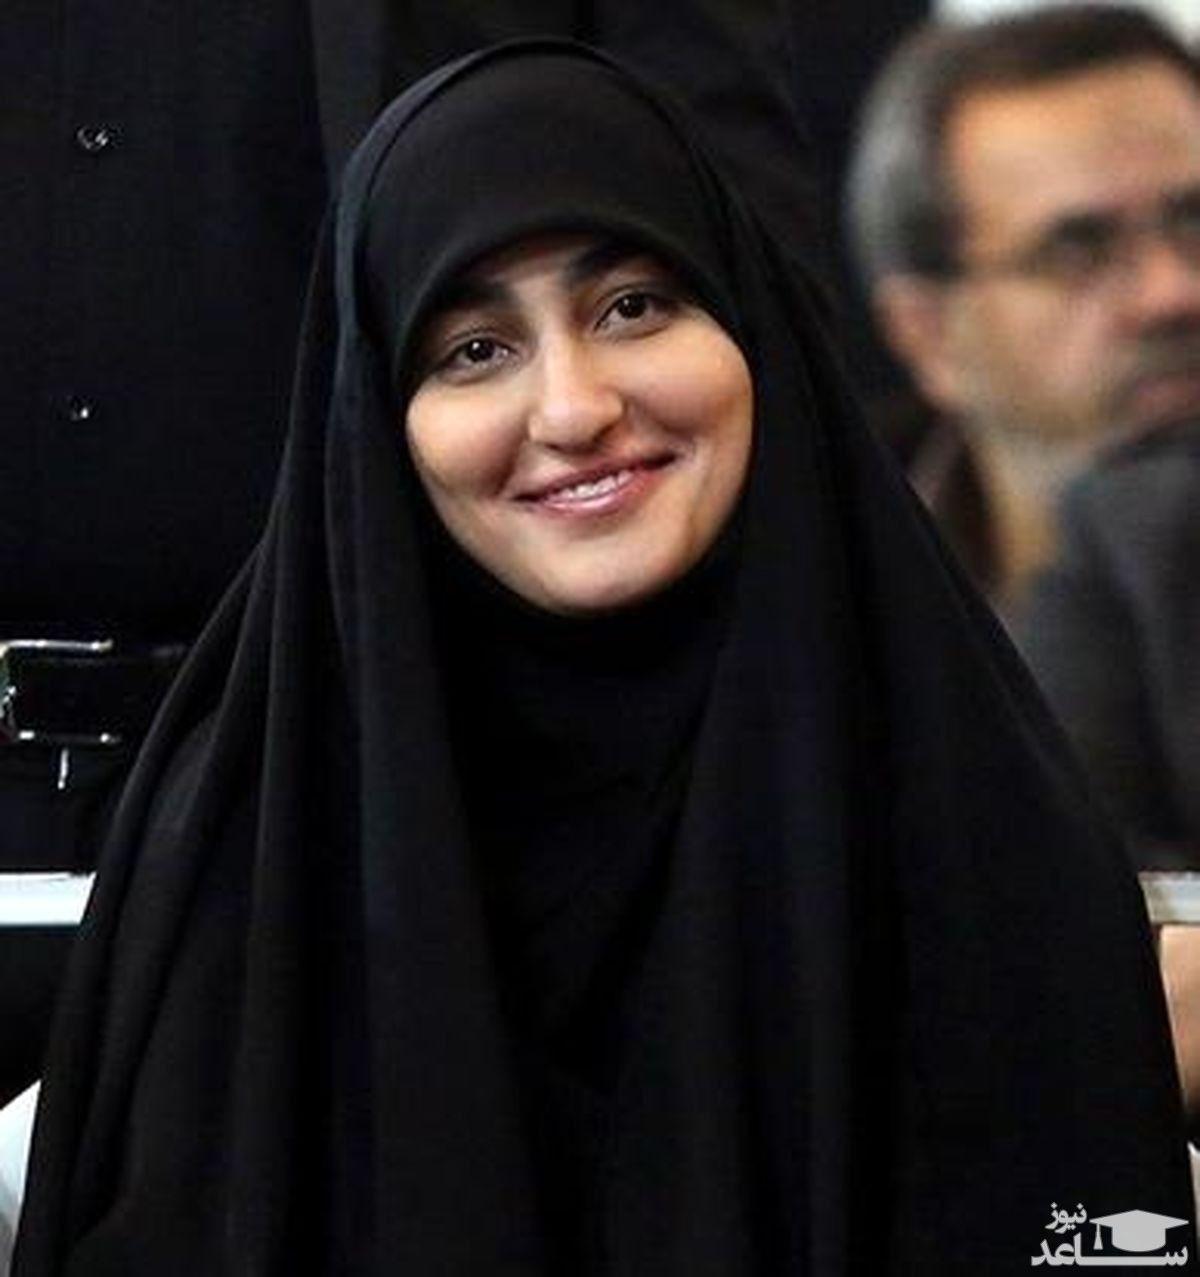 پست معنادار زینب سلیمانی در اینستاگرام + عکس همسرش